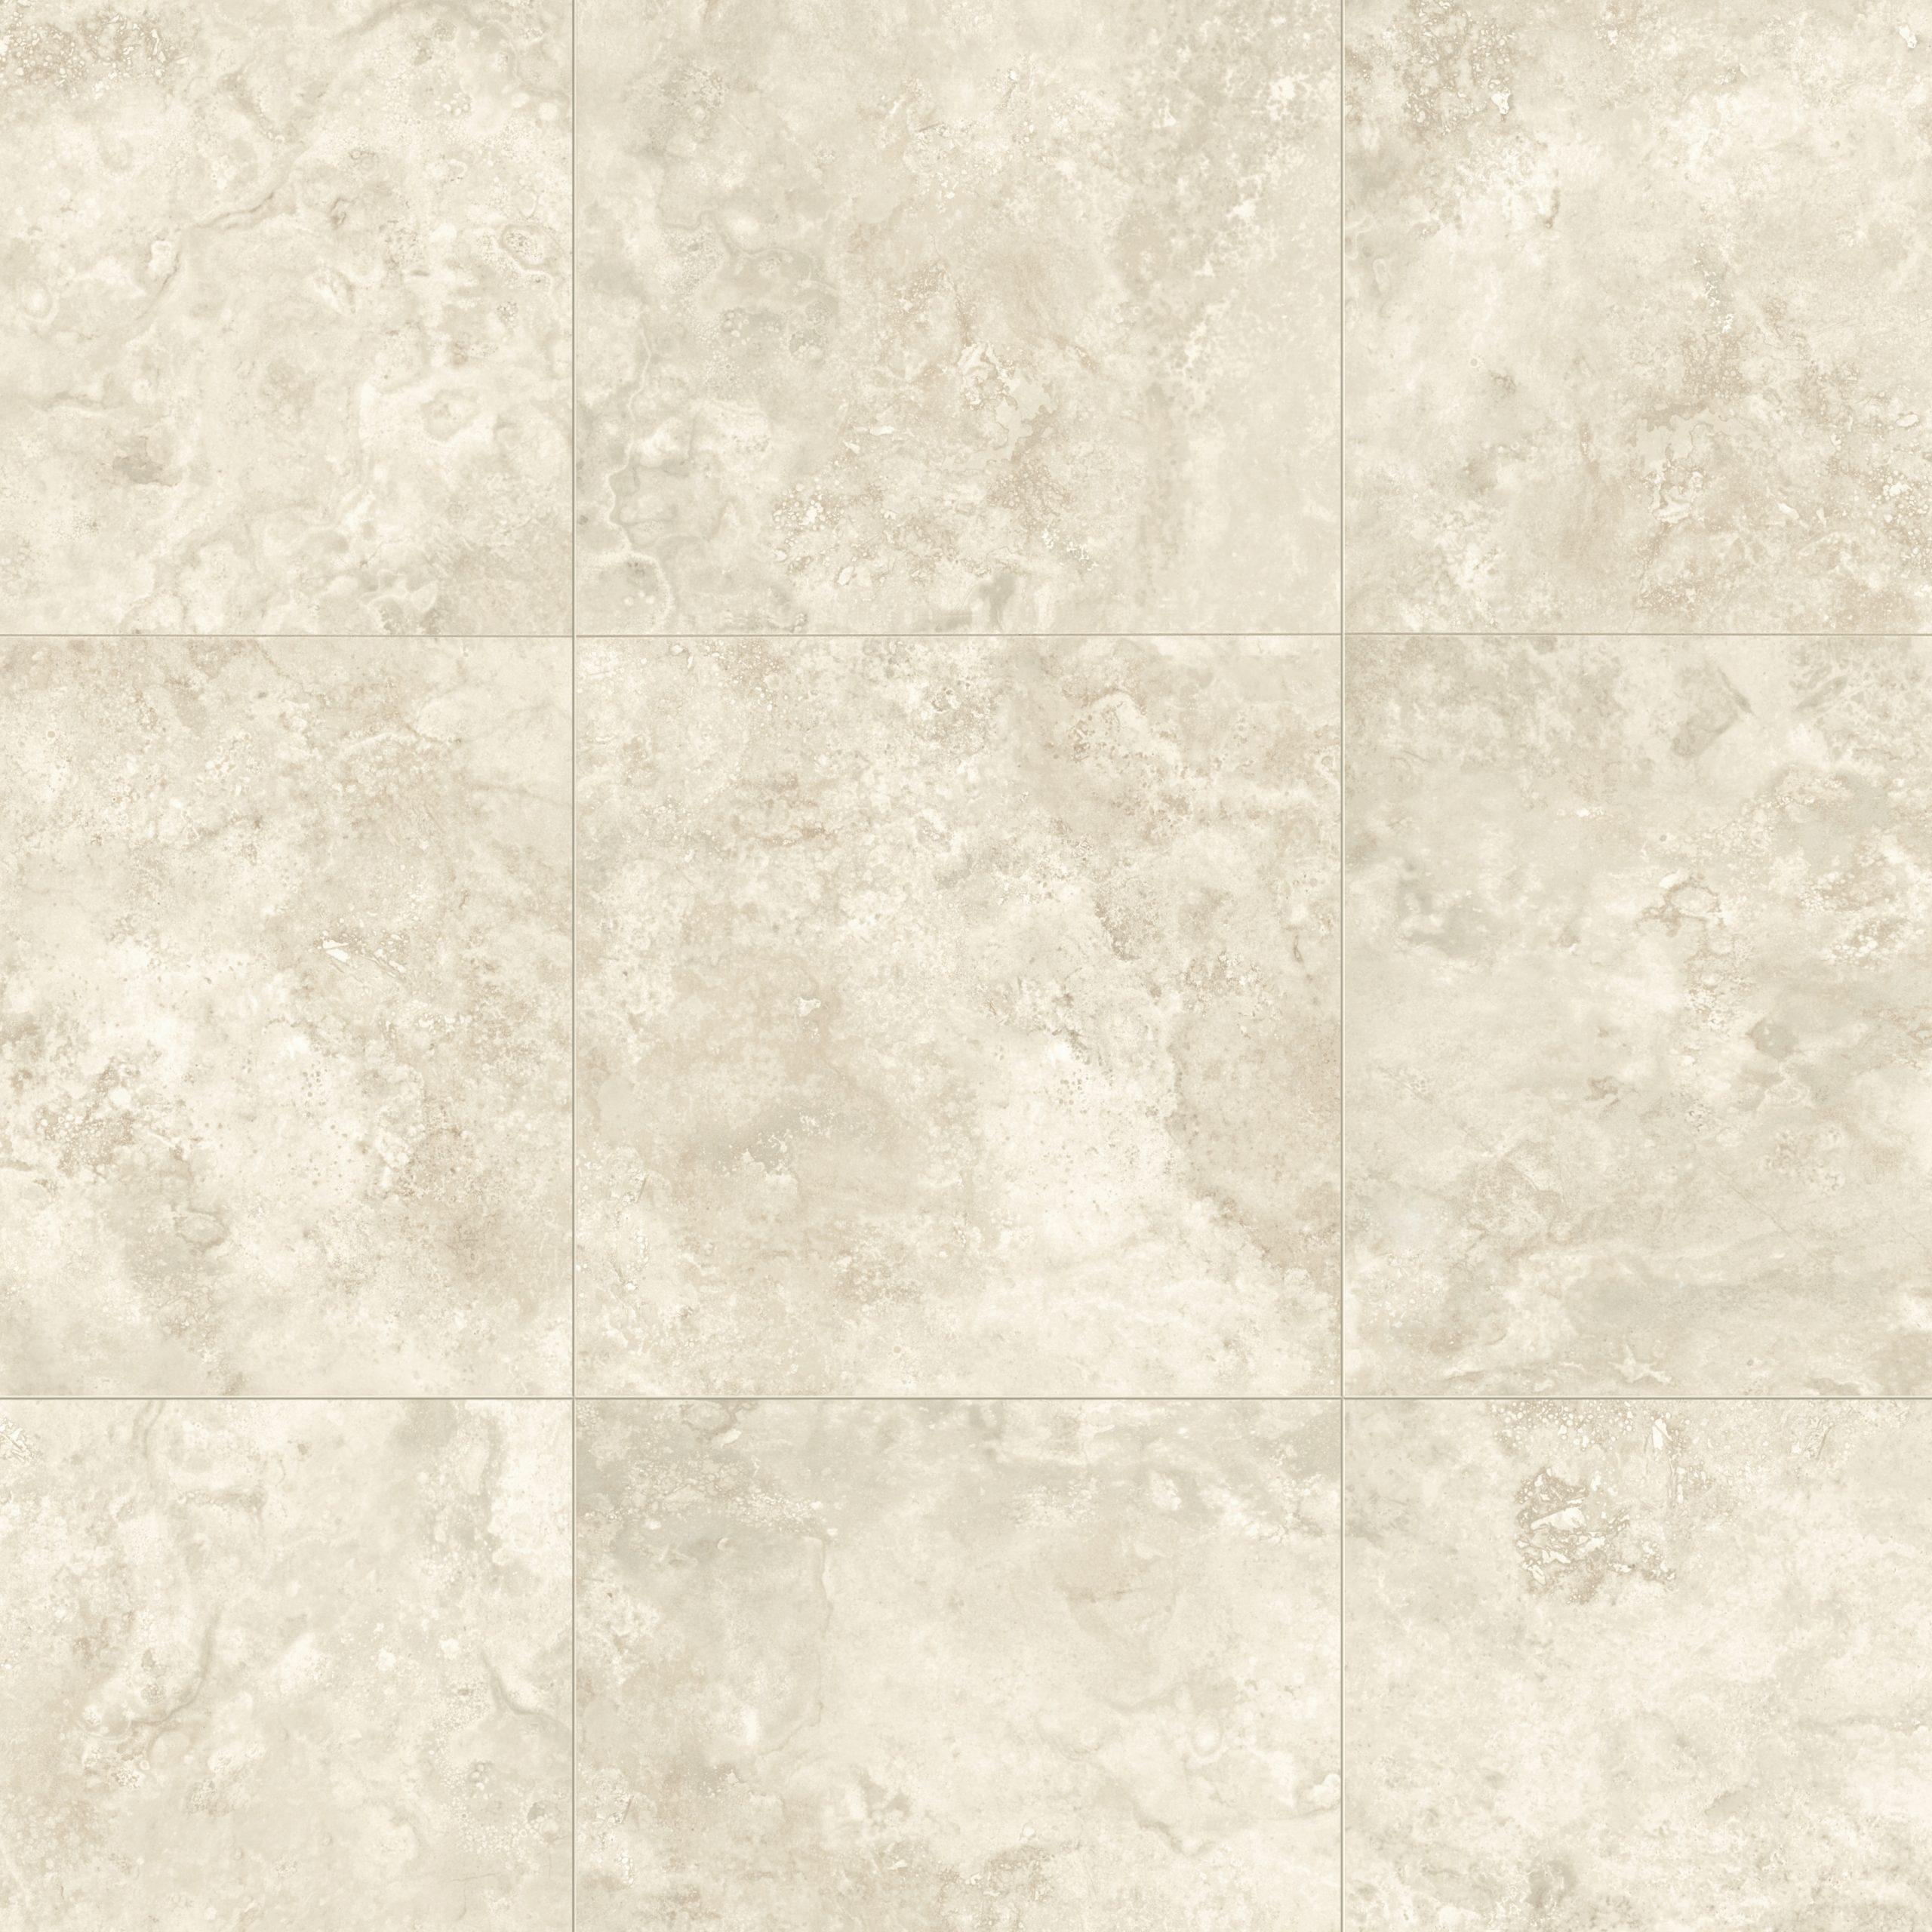 EXQ1556_Topshot-Square HR